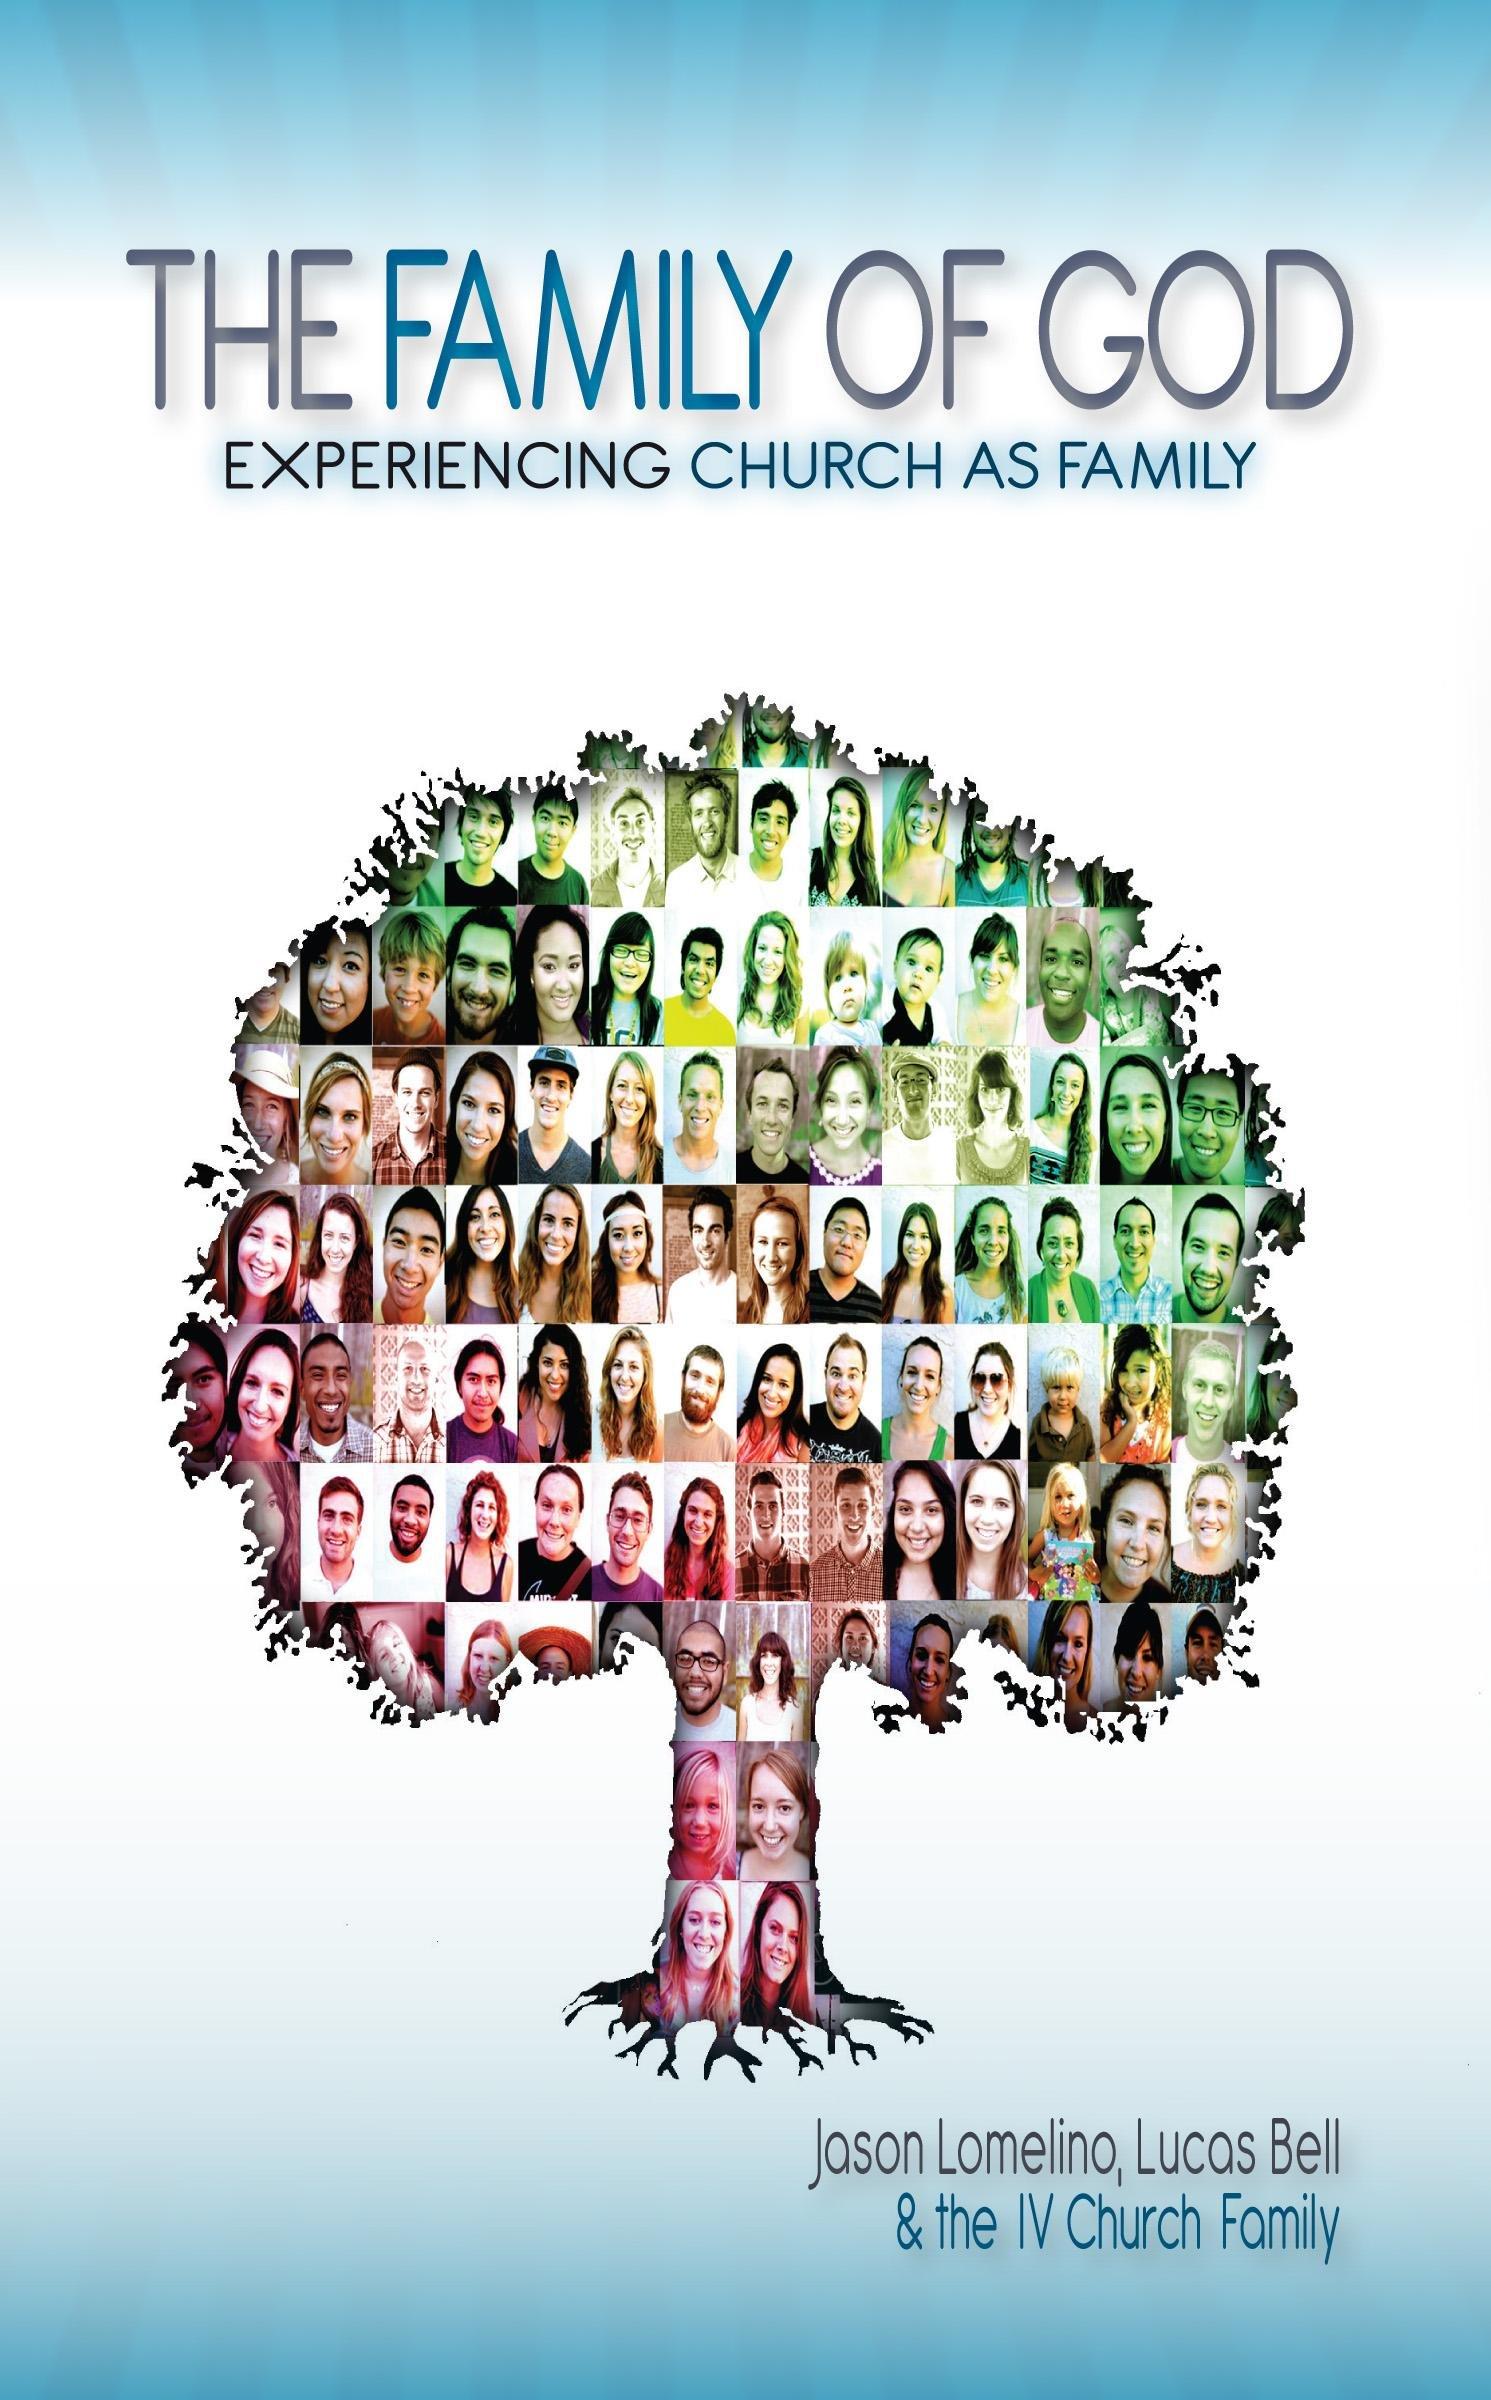 the family of god jason lomelino lucas bell